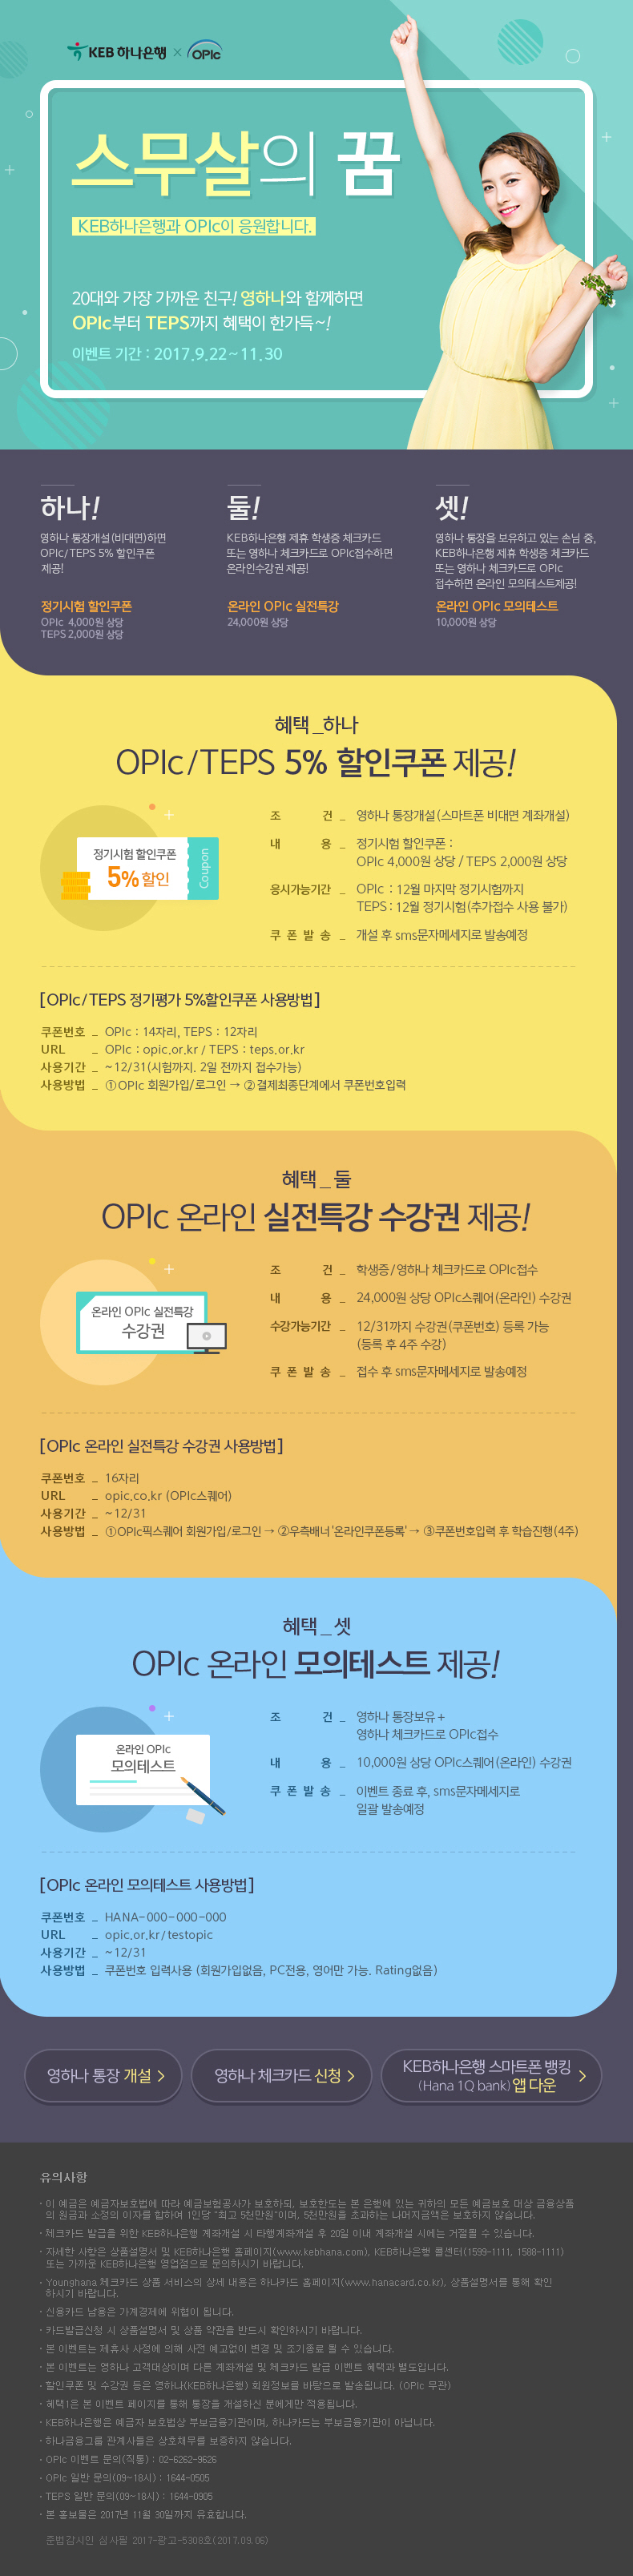 OPIc 제휴 이벤트